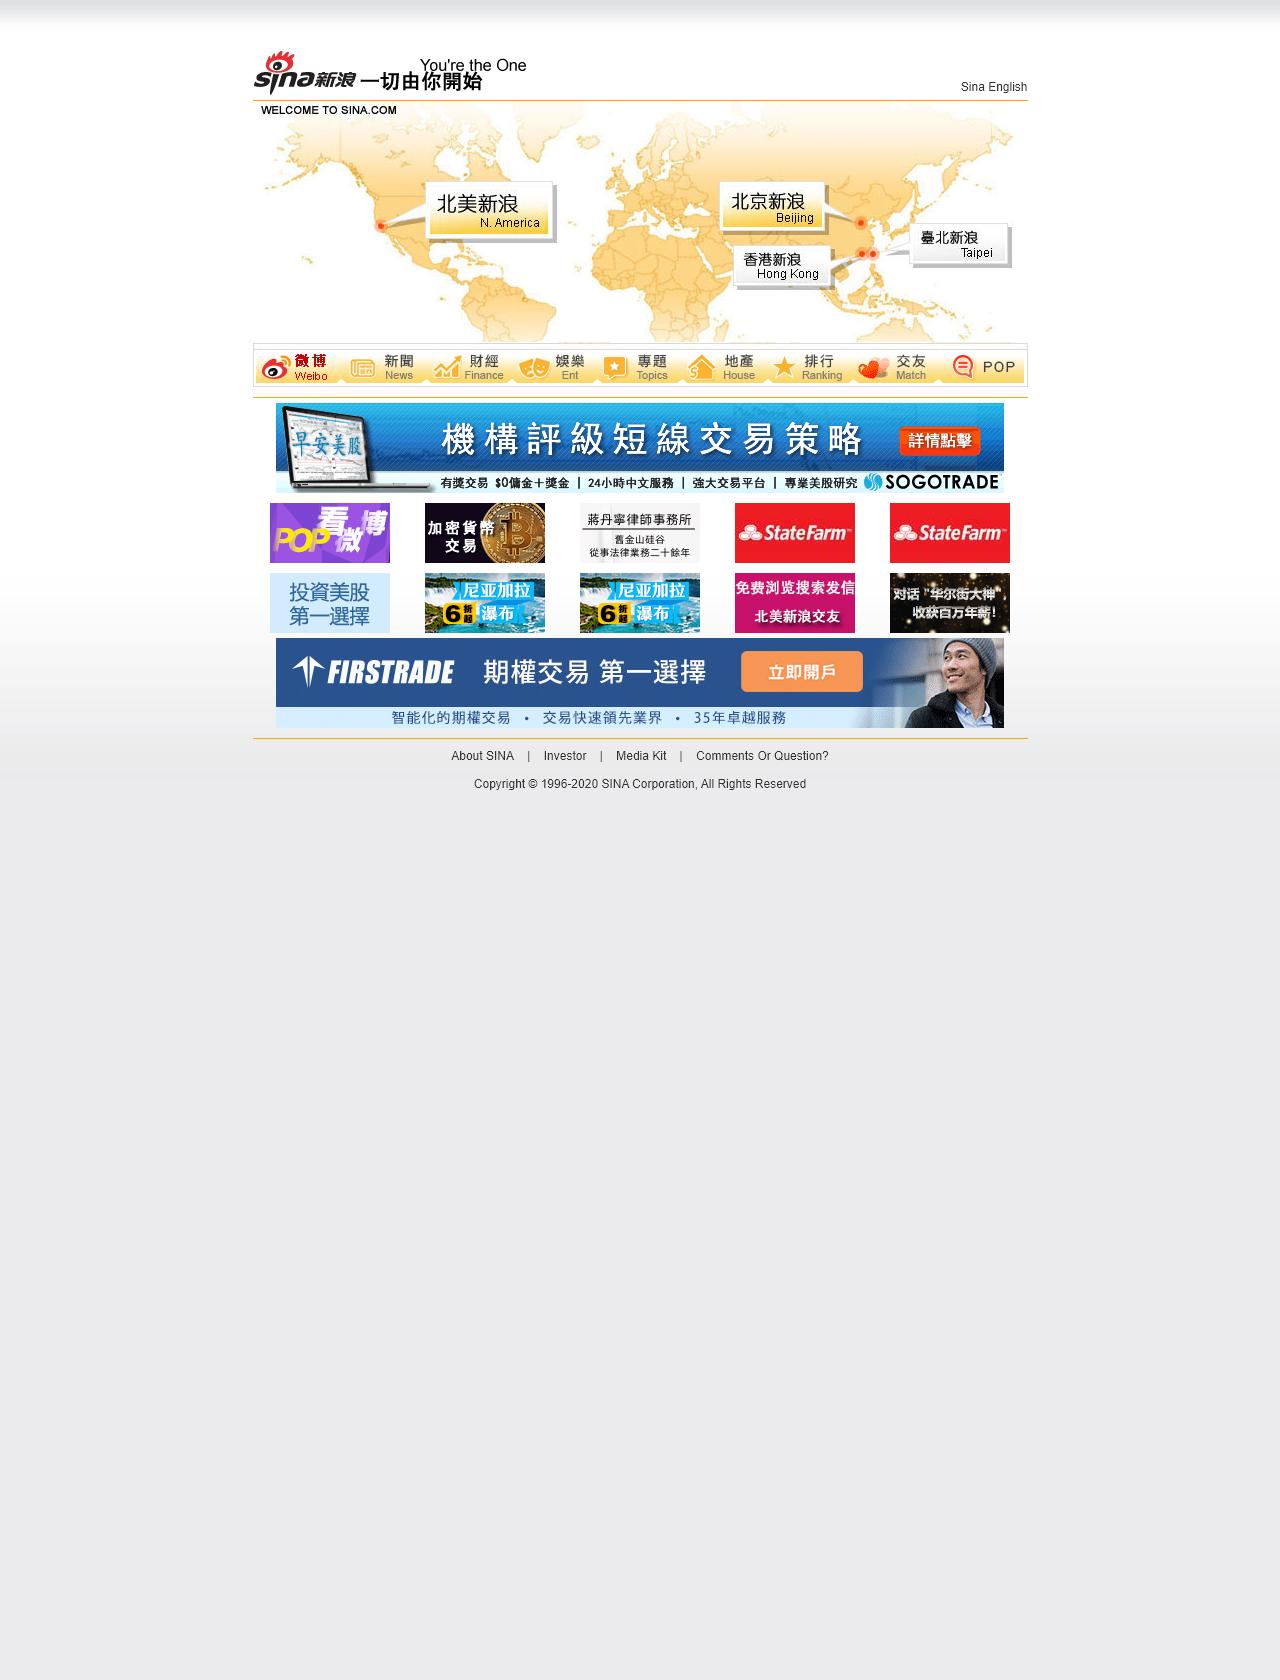 Screenshot Desktop - https://sina.com/